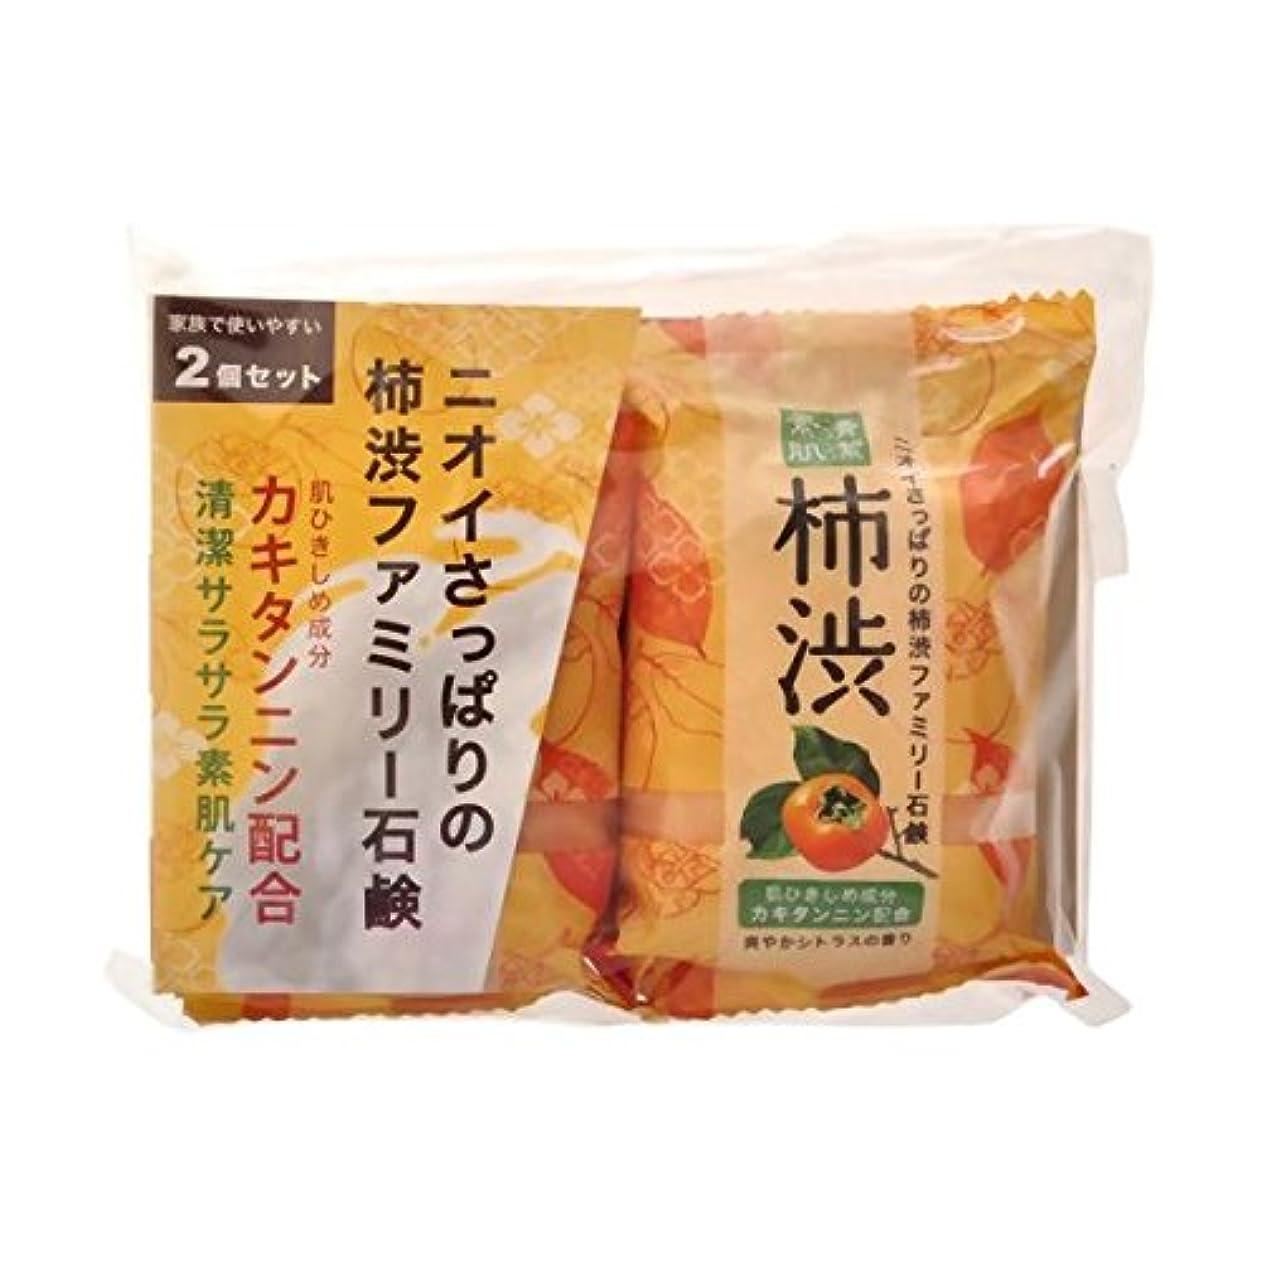 証明ヨーグルトコーナー【お徳用 6 セット】 ペリカン 柿渋ファミリー石鹸 80g×2個×6セット